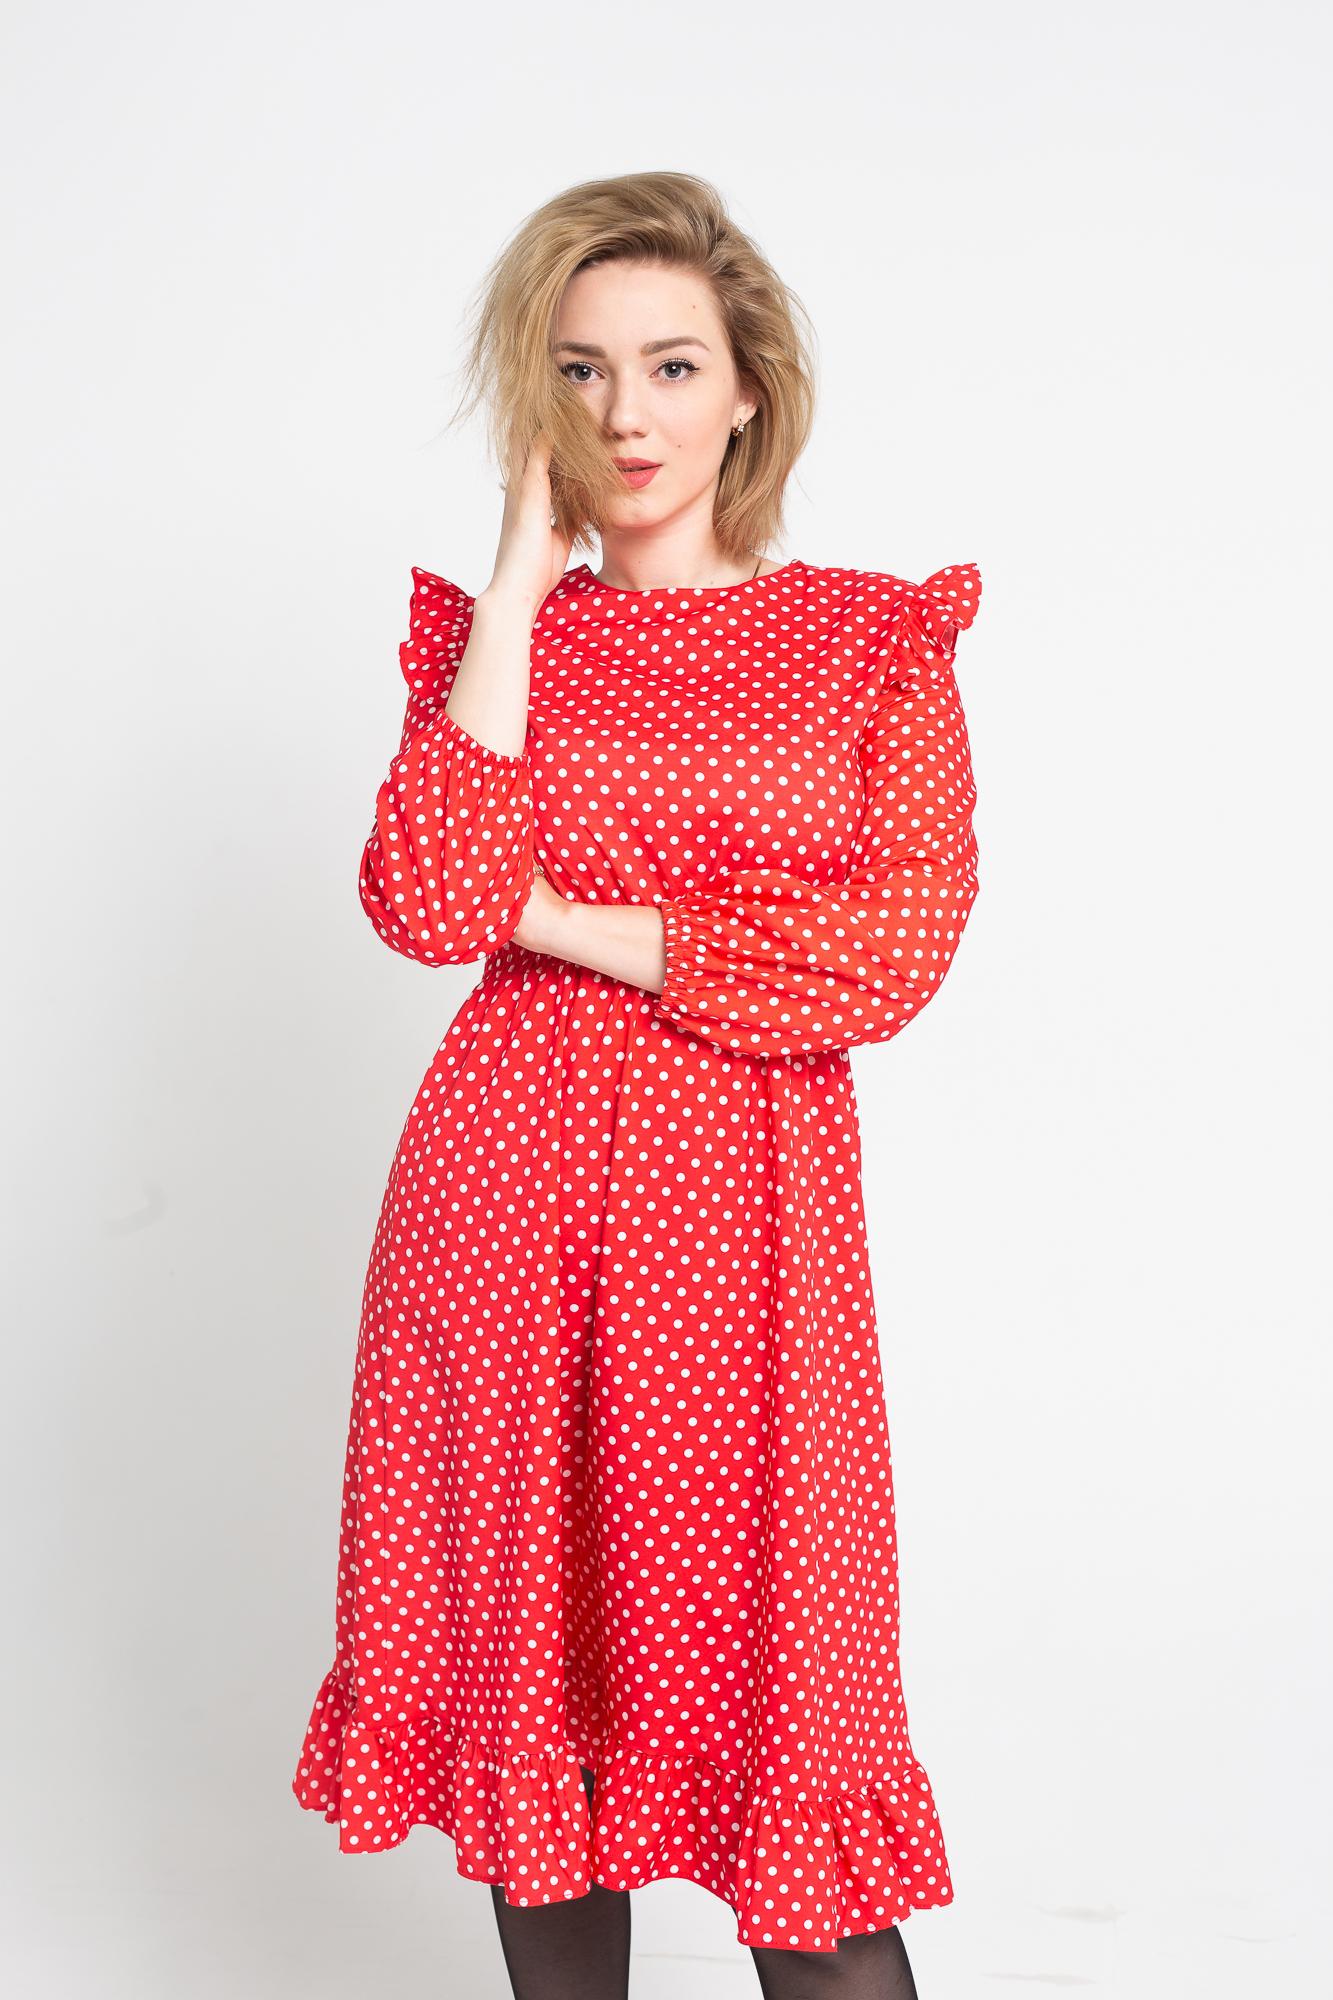 красное платье в белый горошек фото